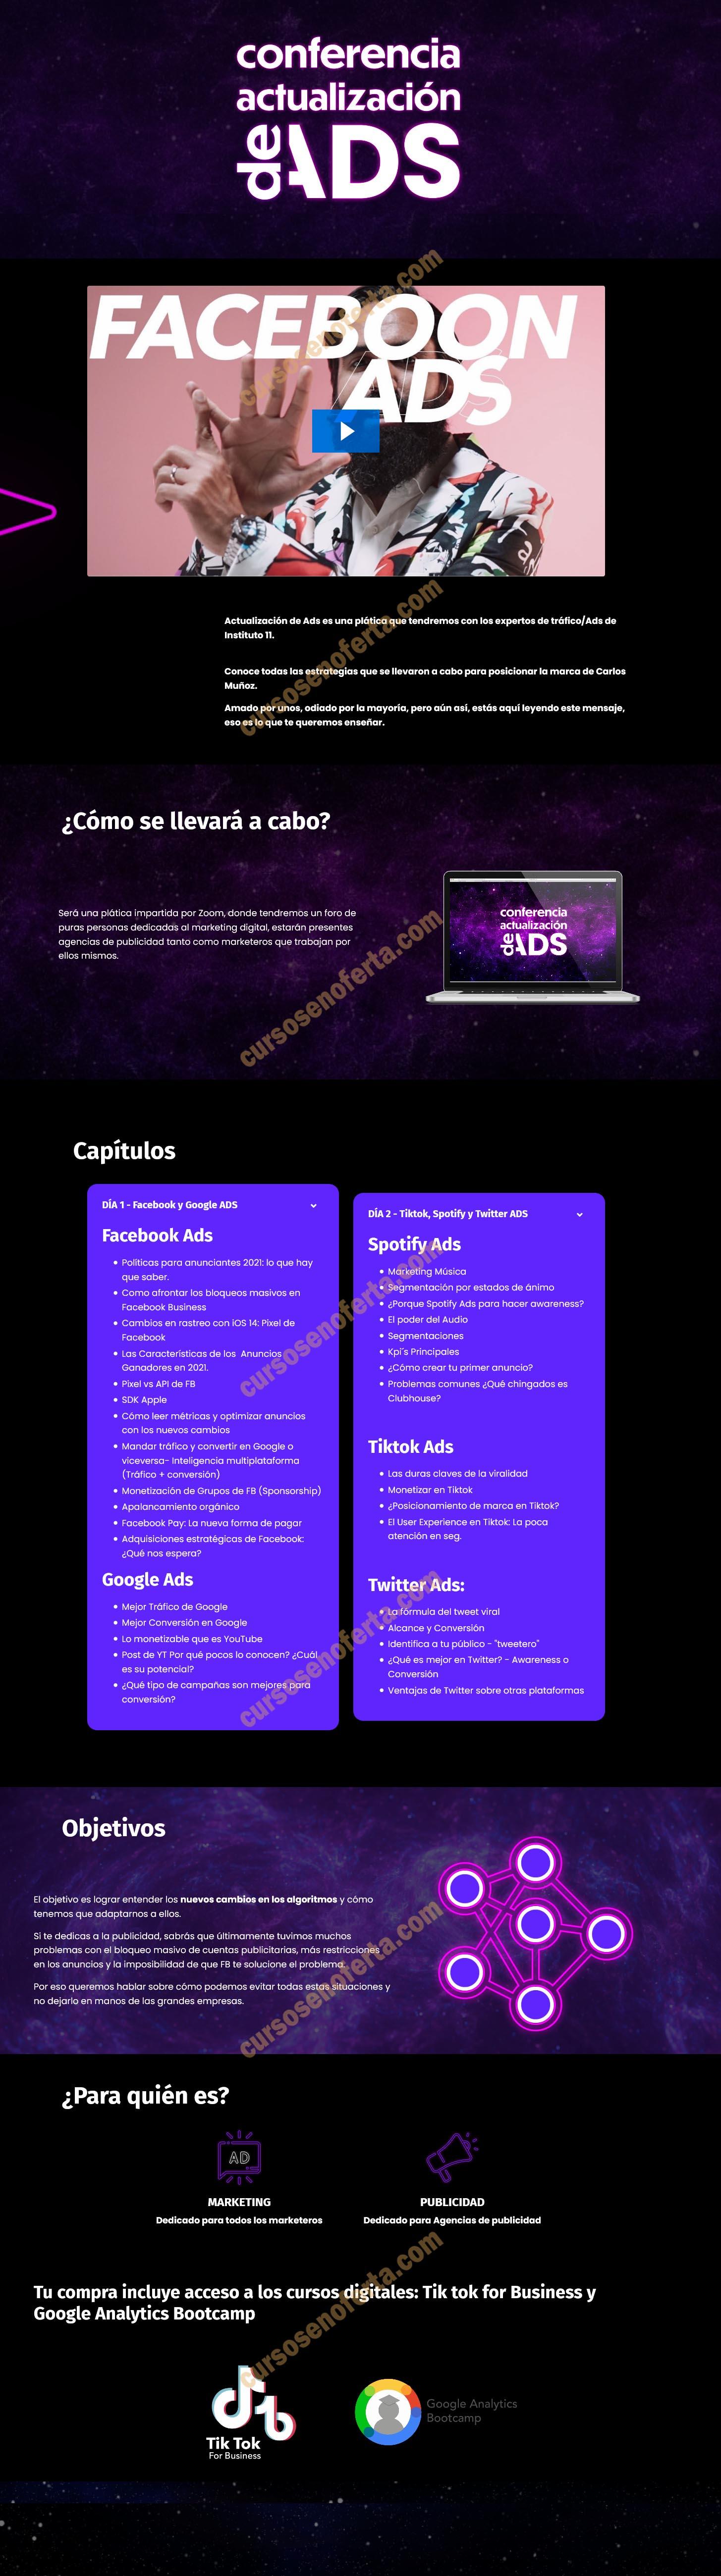 Conferencia actualización de ads